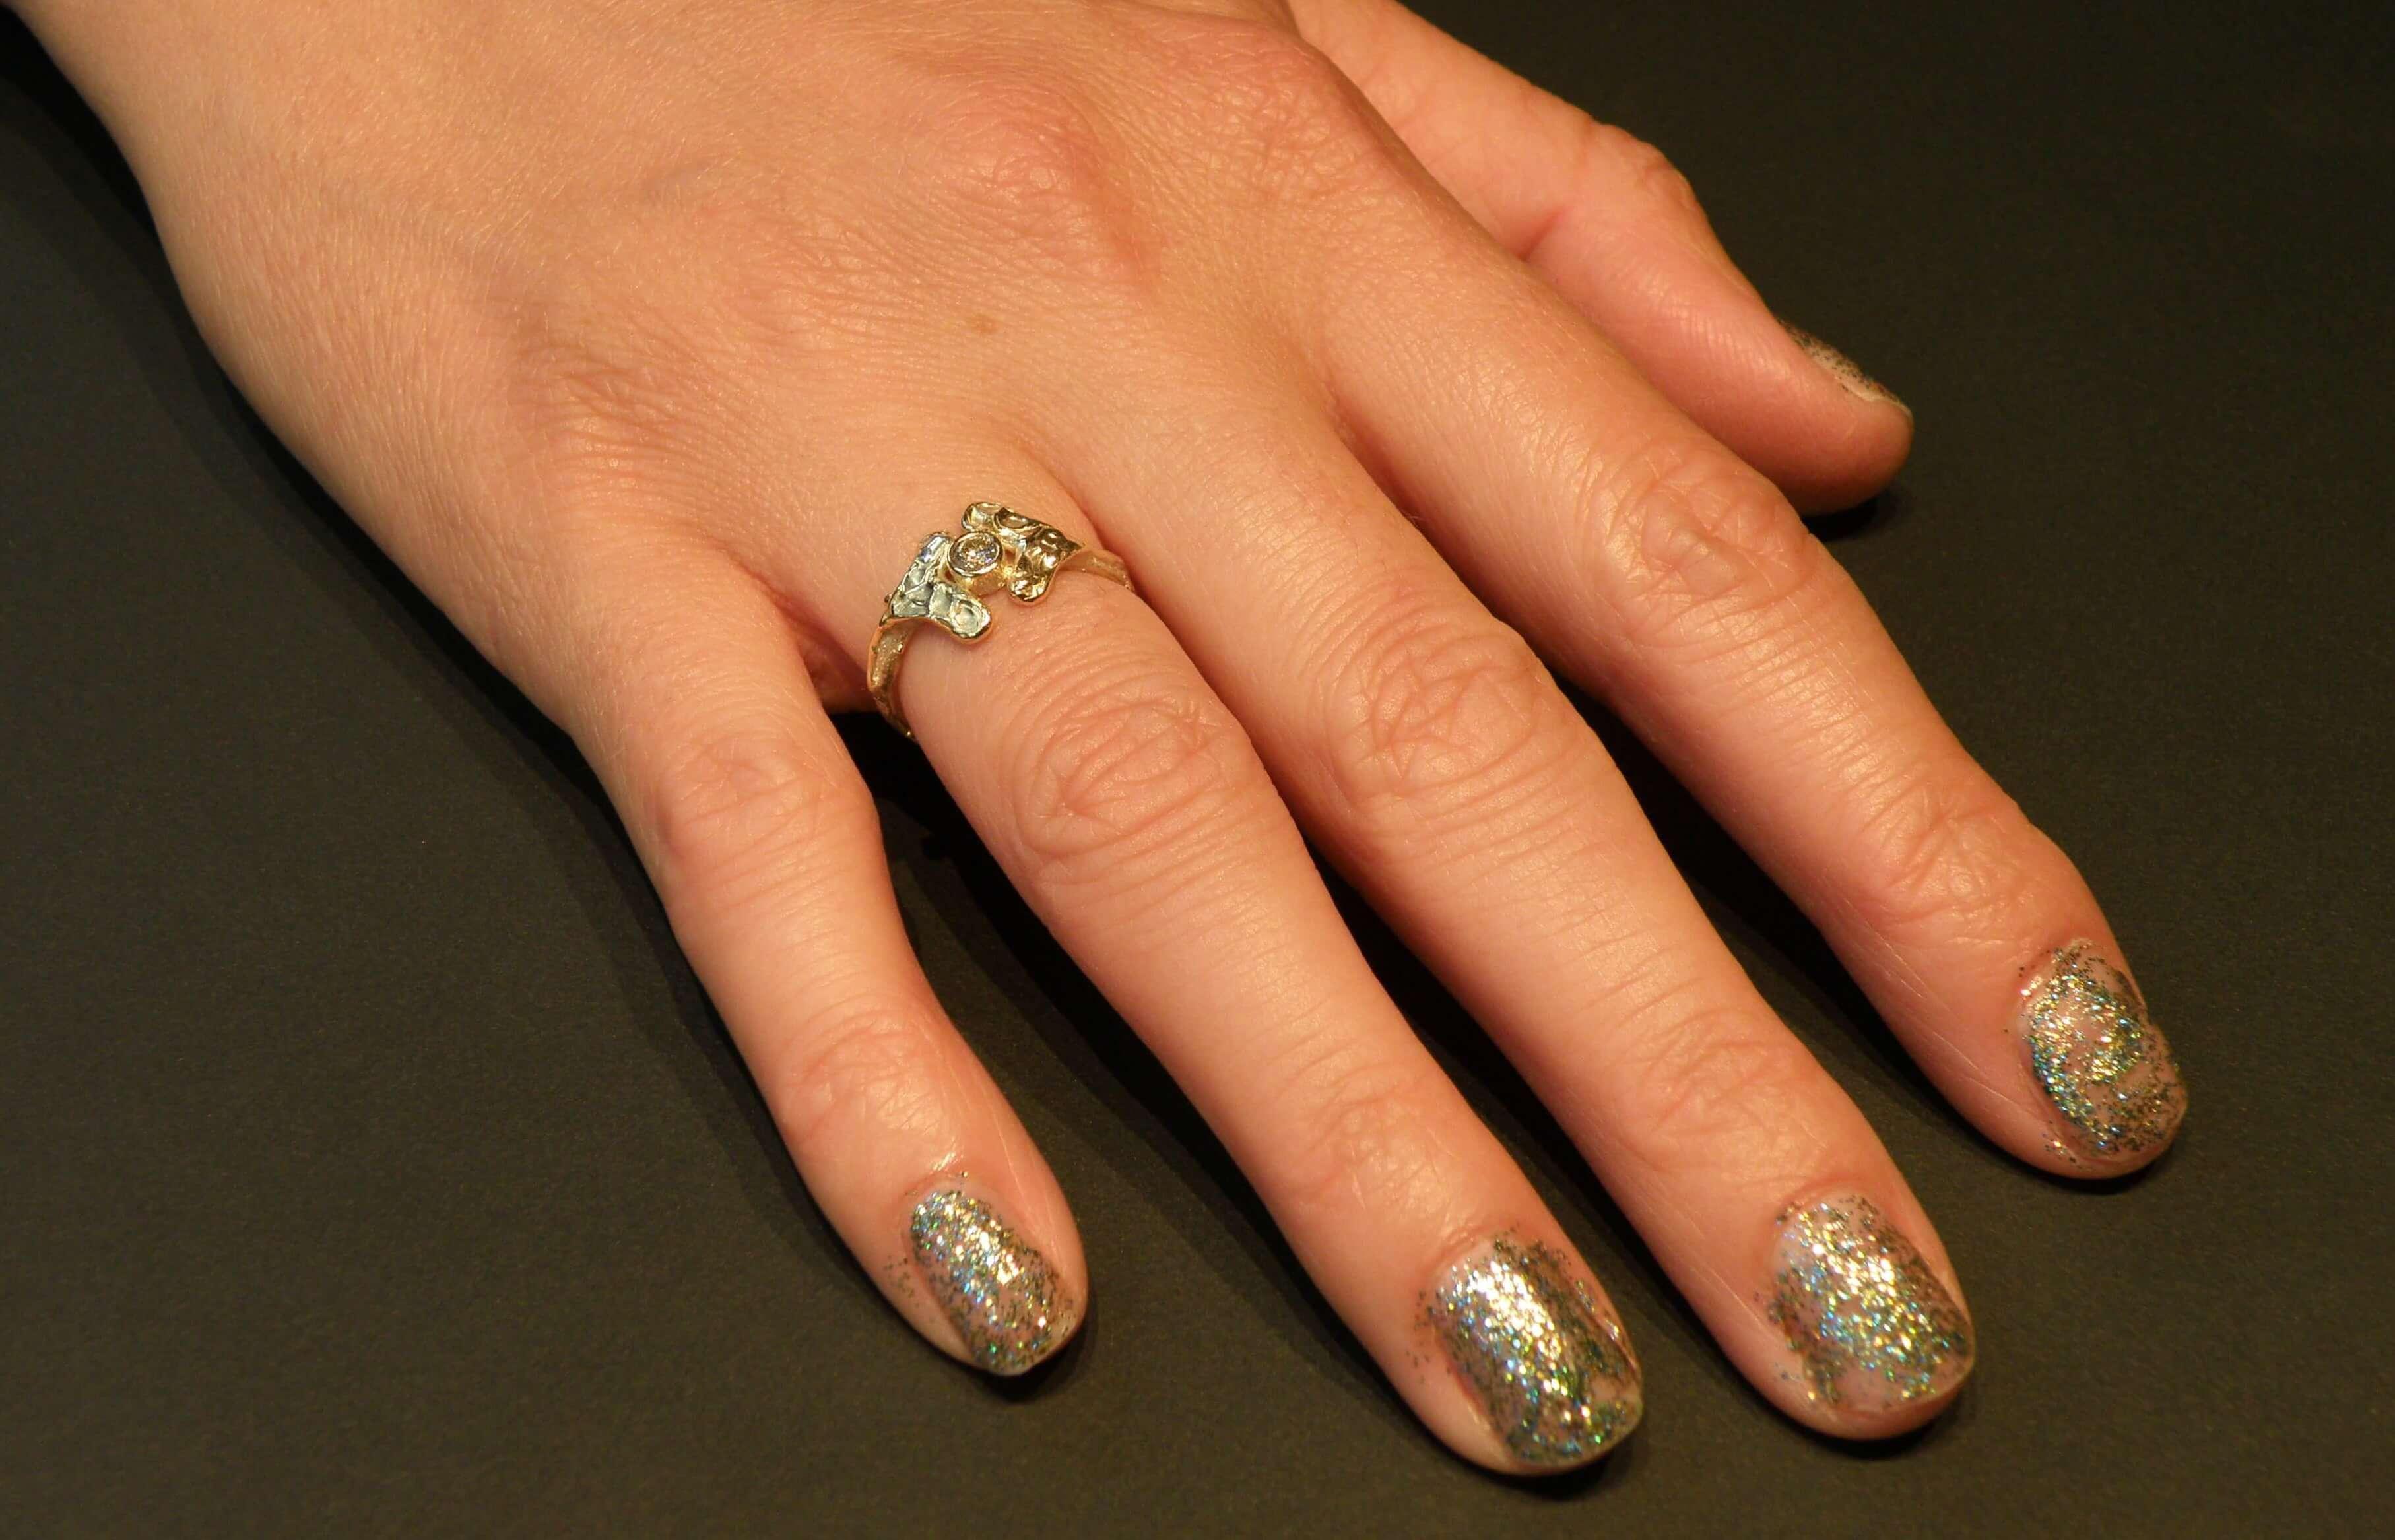 blog baargoud - ring van eigen goud met een mooie diamant - geboortecadeau - maatwerk